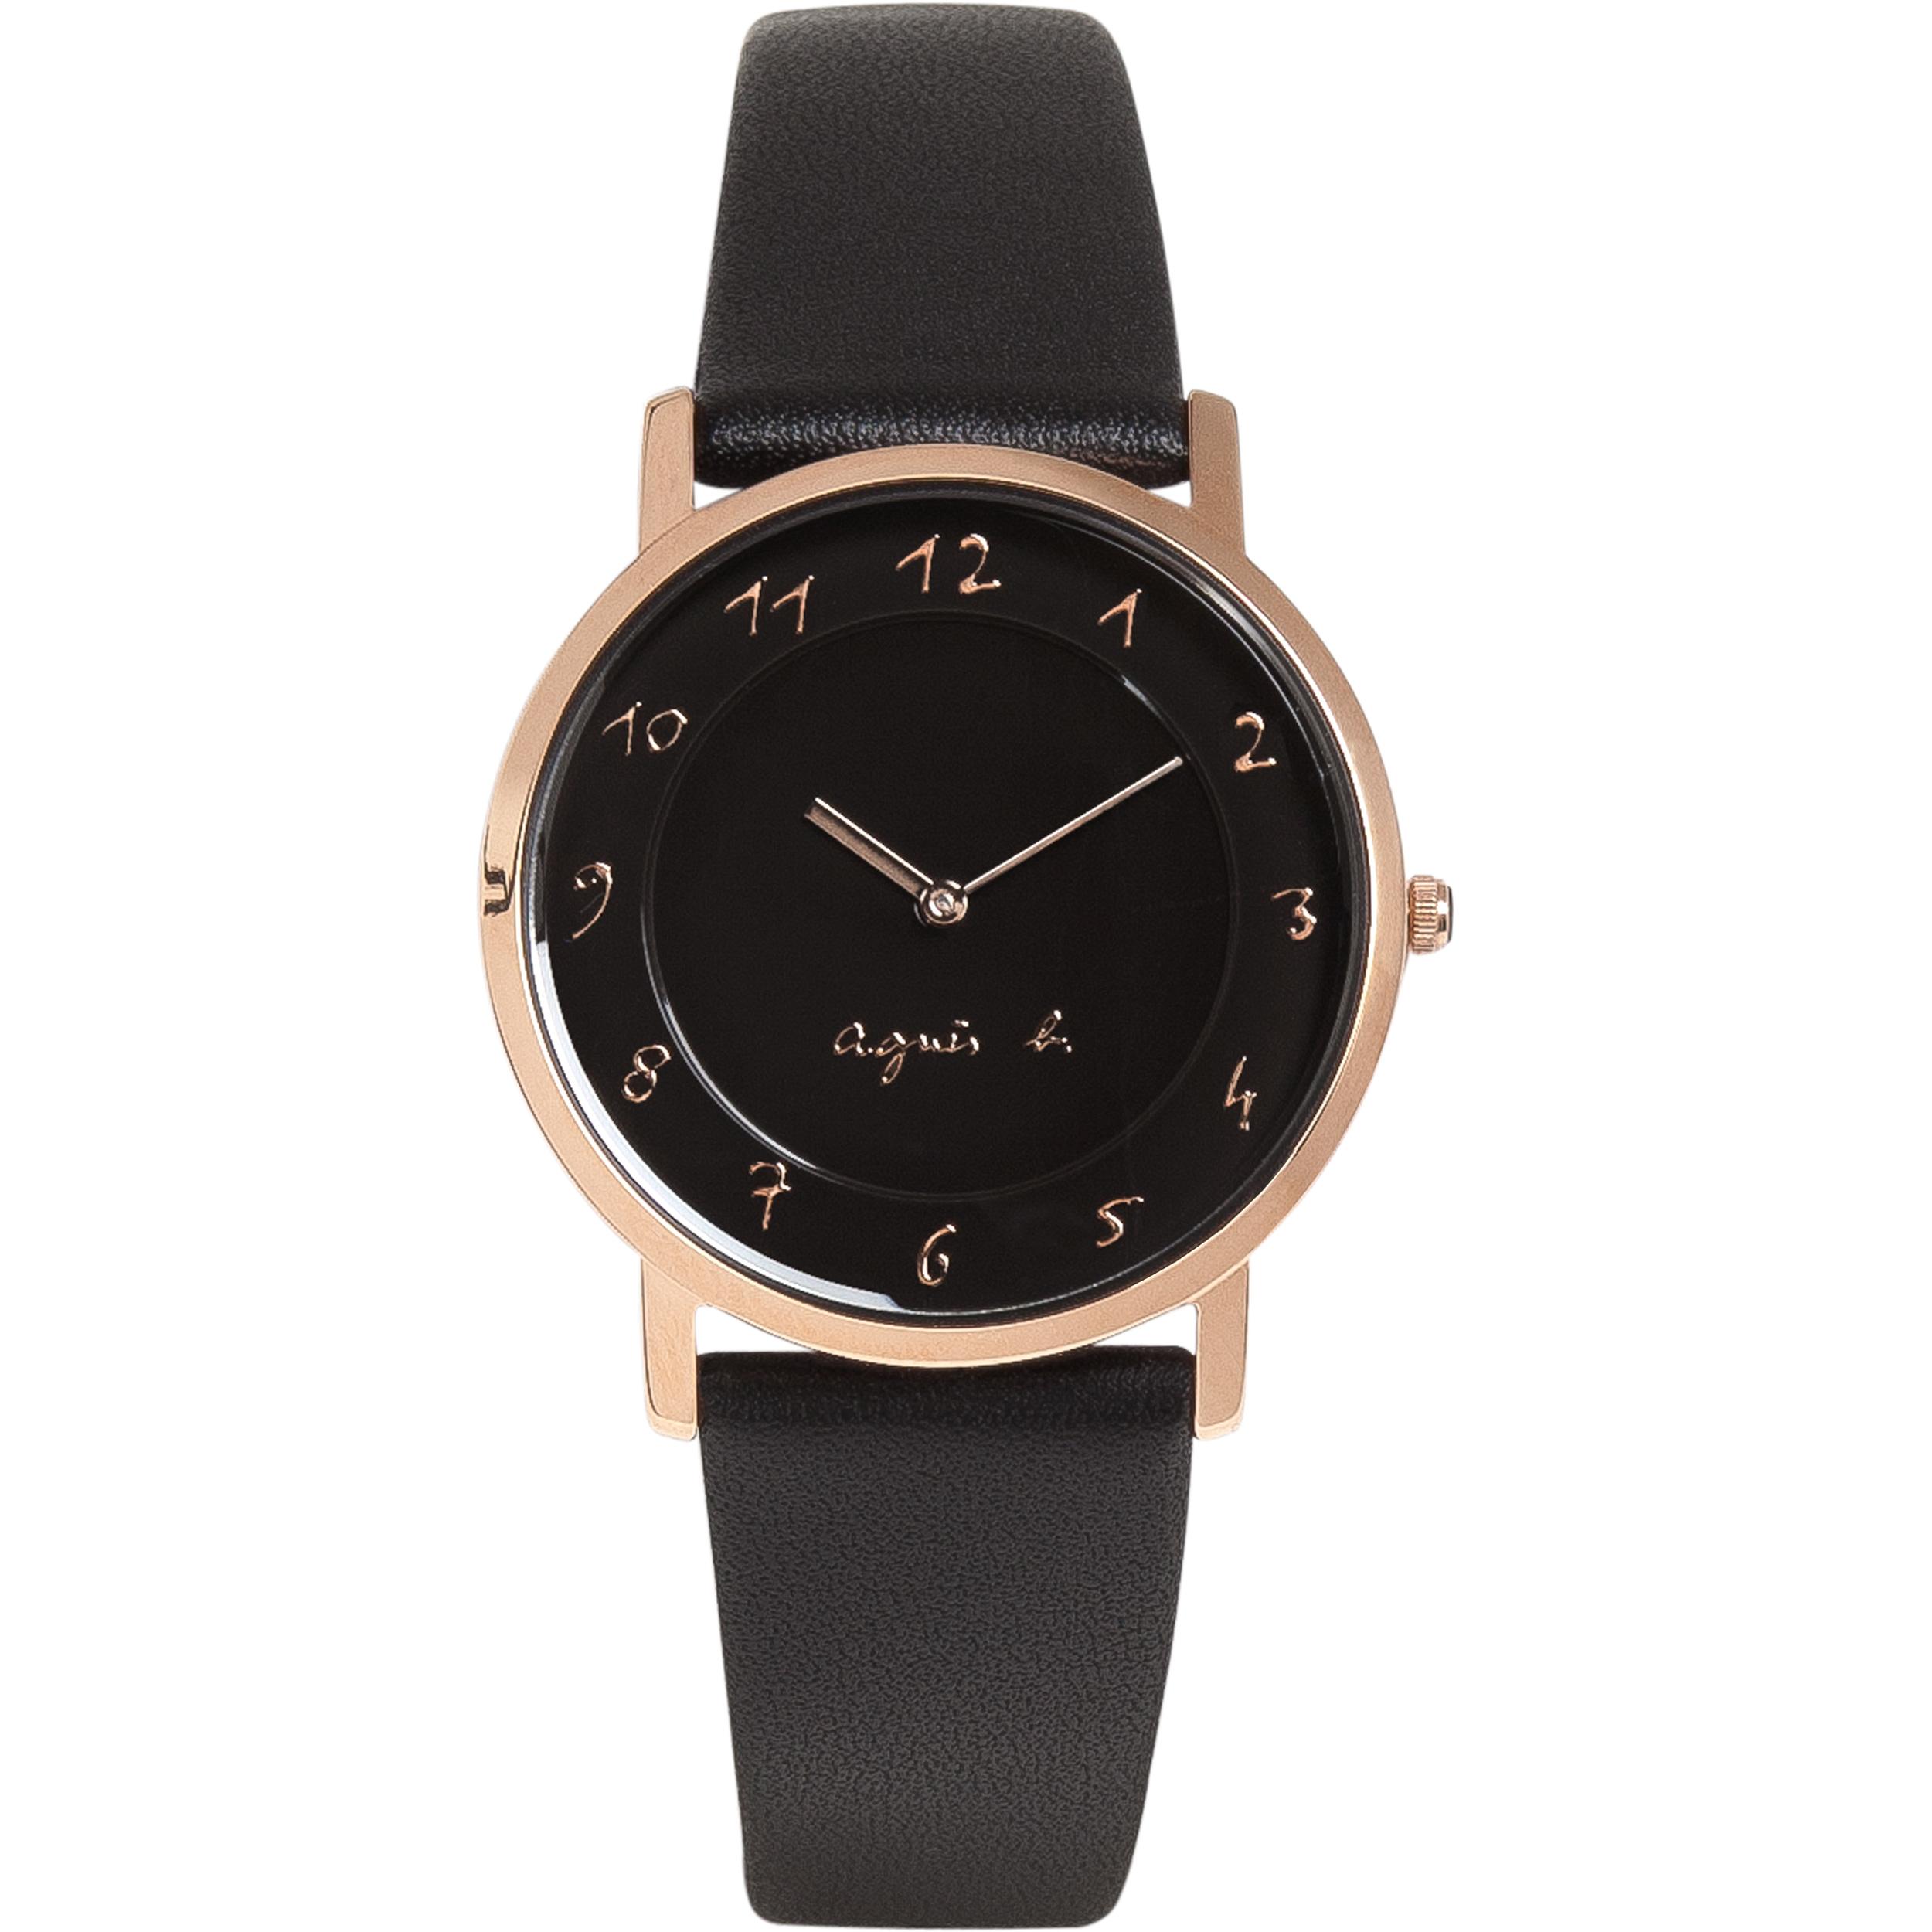 Agnu00e8s b. Womenu0026#39;s Watch in Black : Lyst